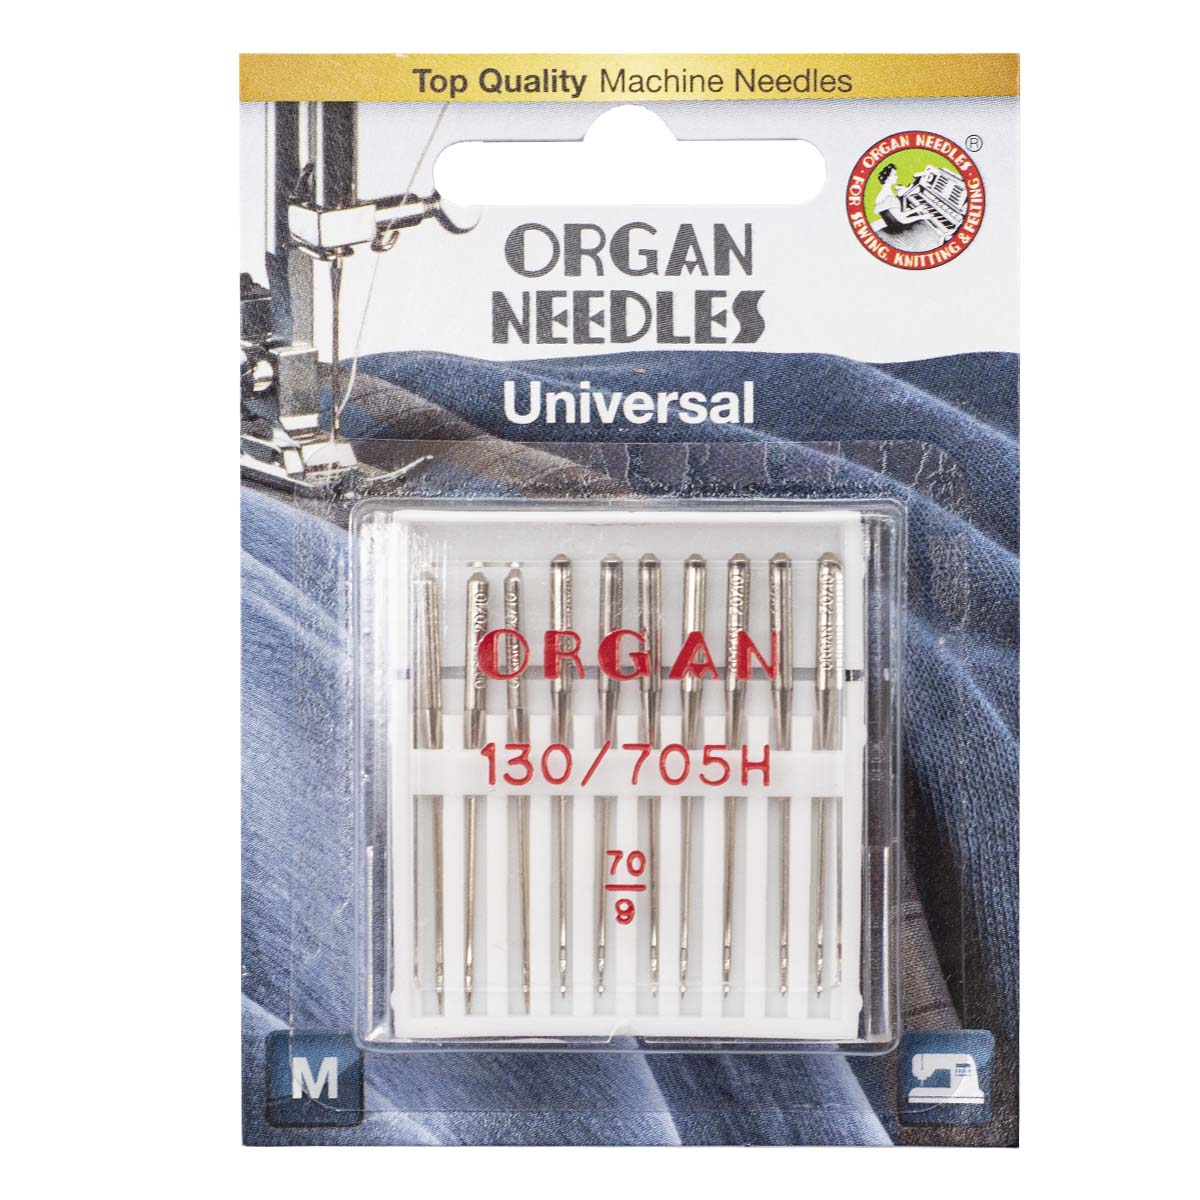 ORGAN иглы универсальные 10/70 Blister